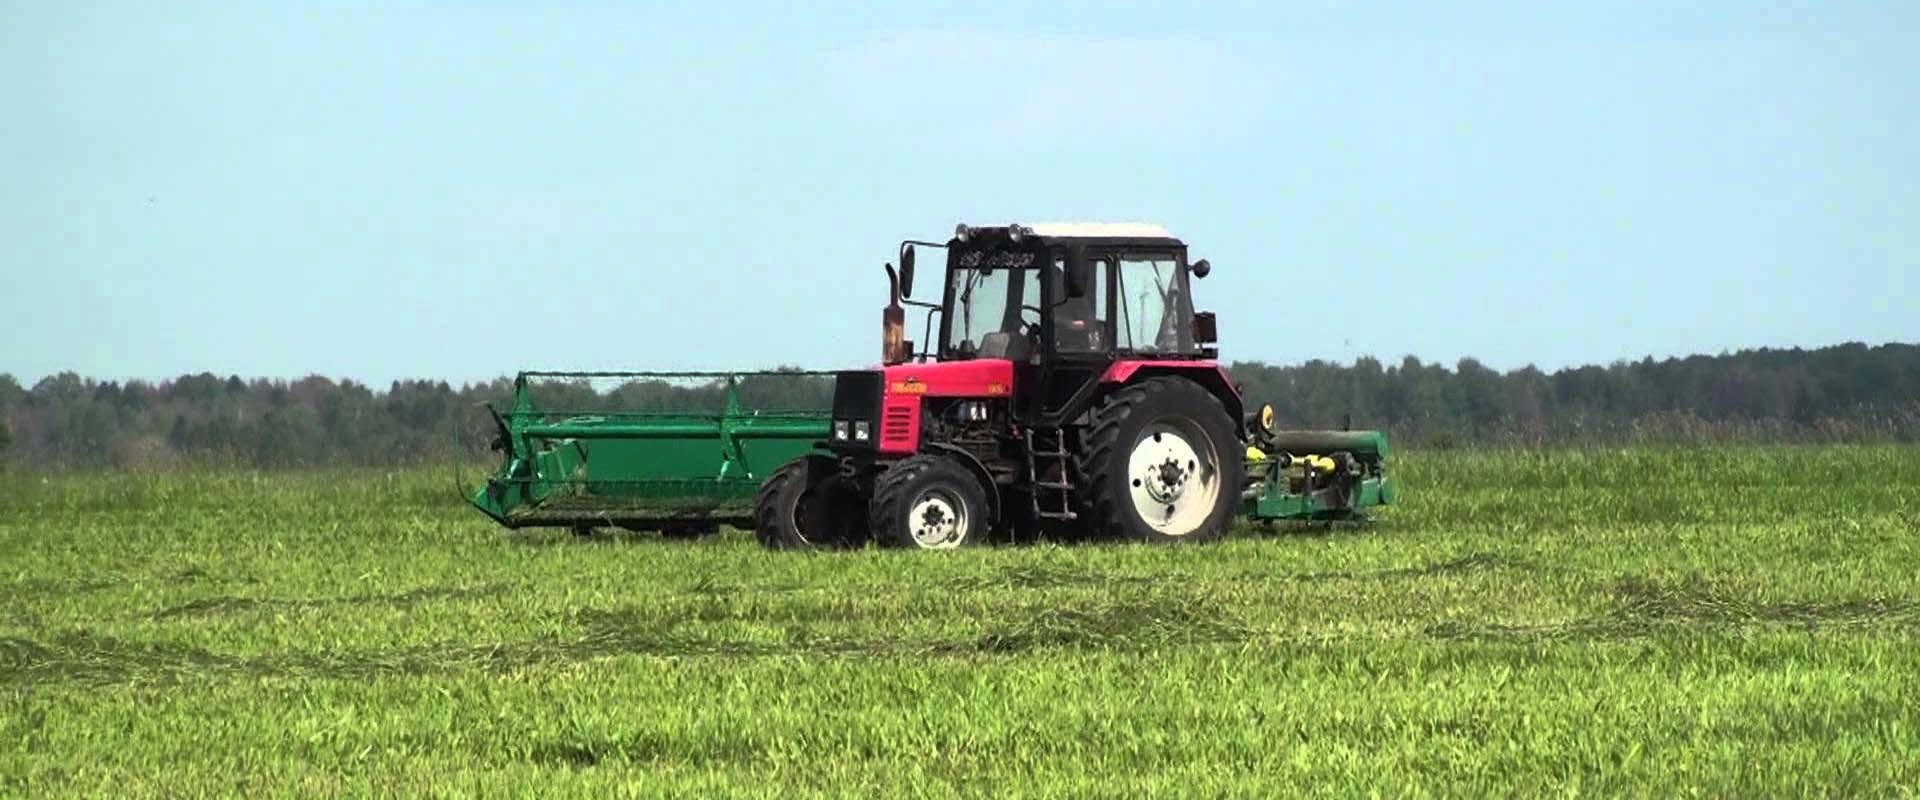 Tractor Belarus slider-3